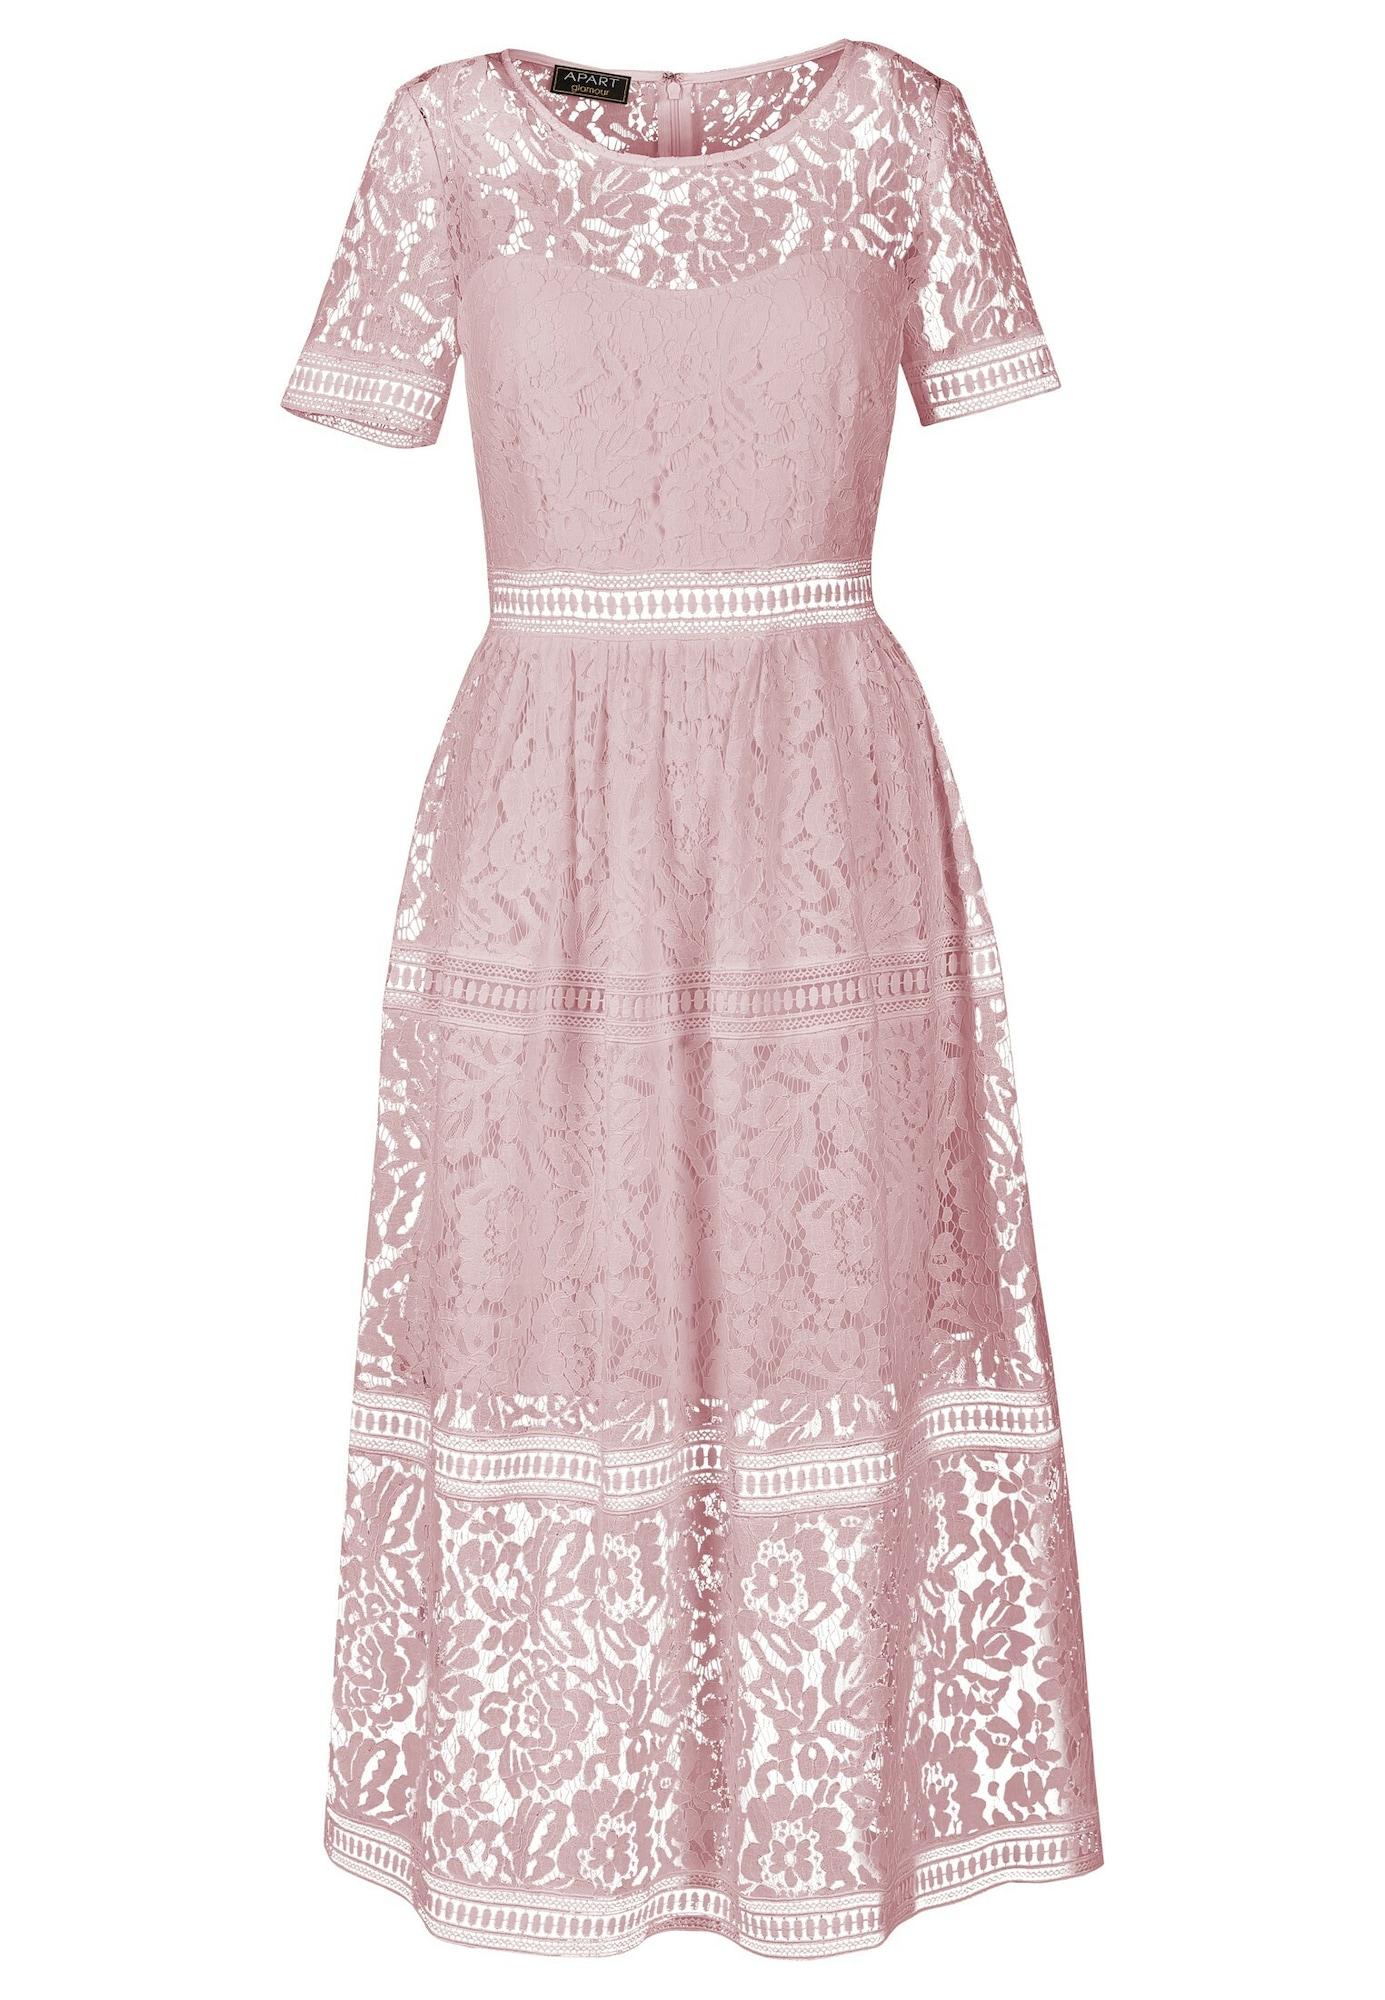 APART Vasarinė suknelė alyvinė spalva